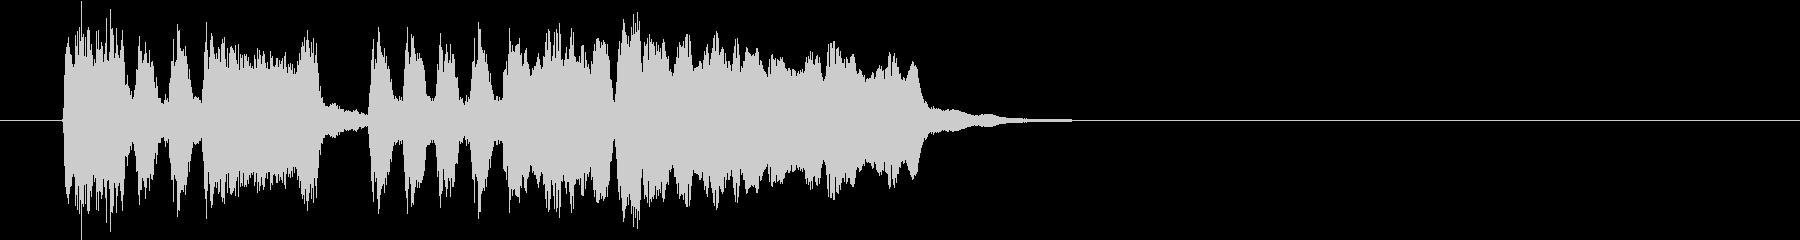 Tpファンファーレ 普通め速め滑らかめの未再生の波形